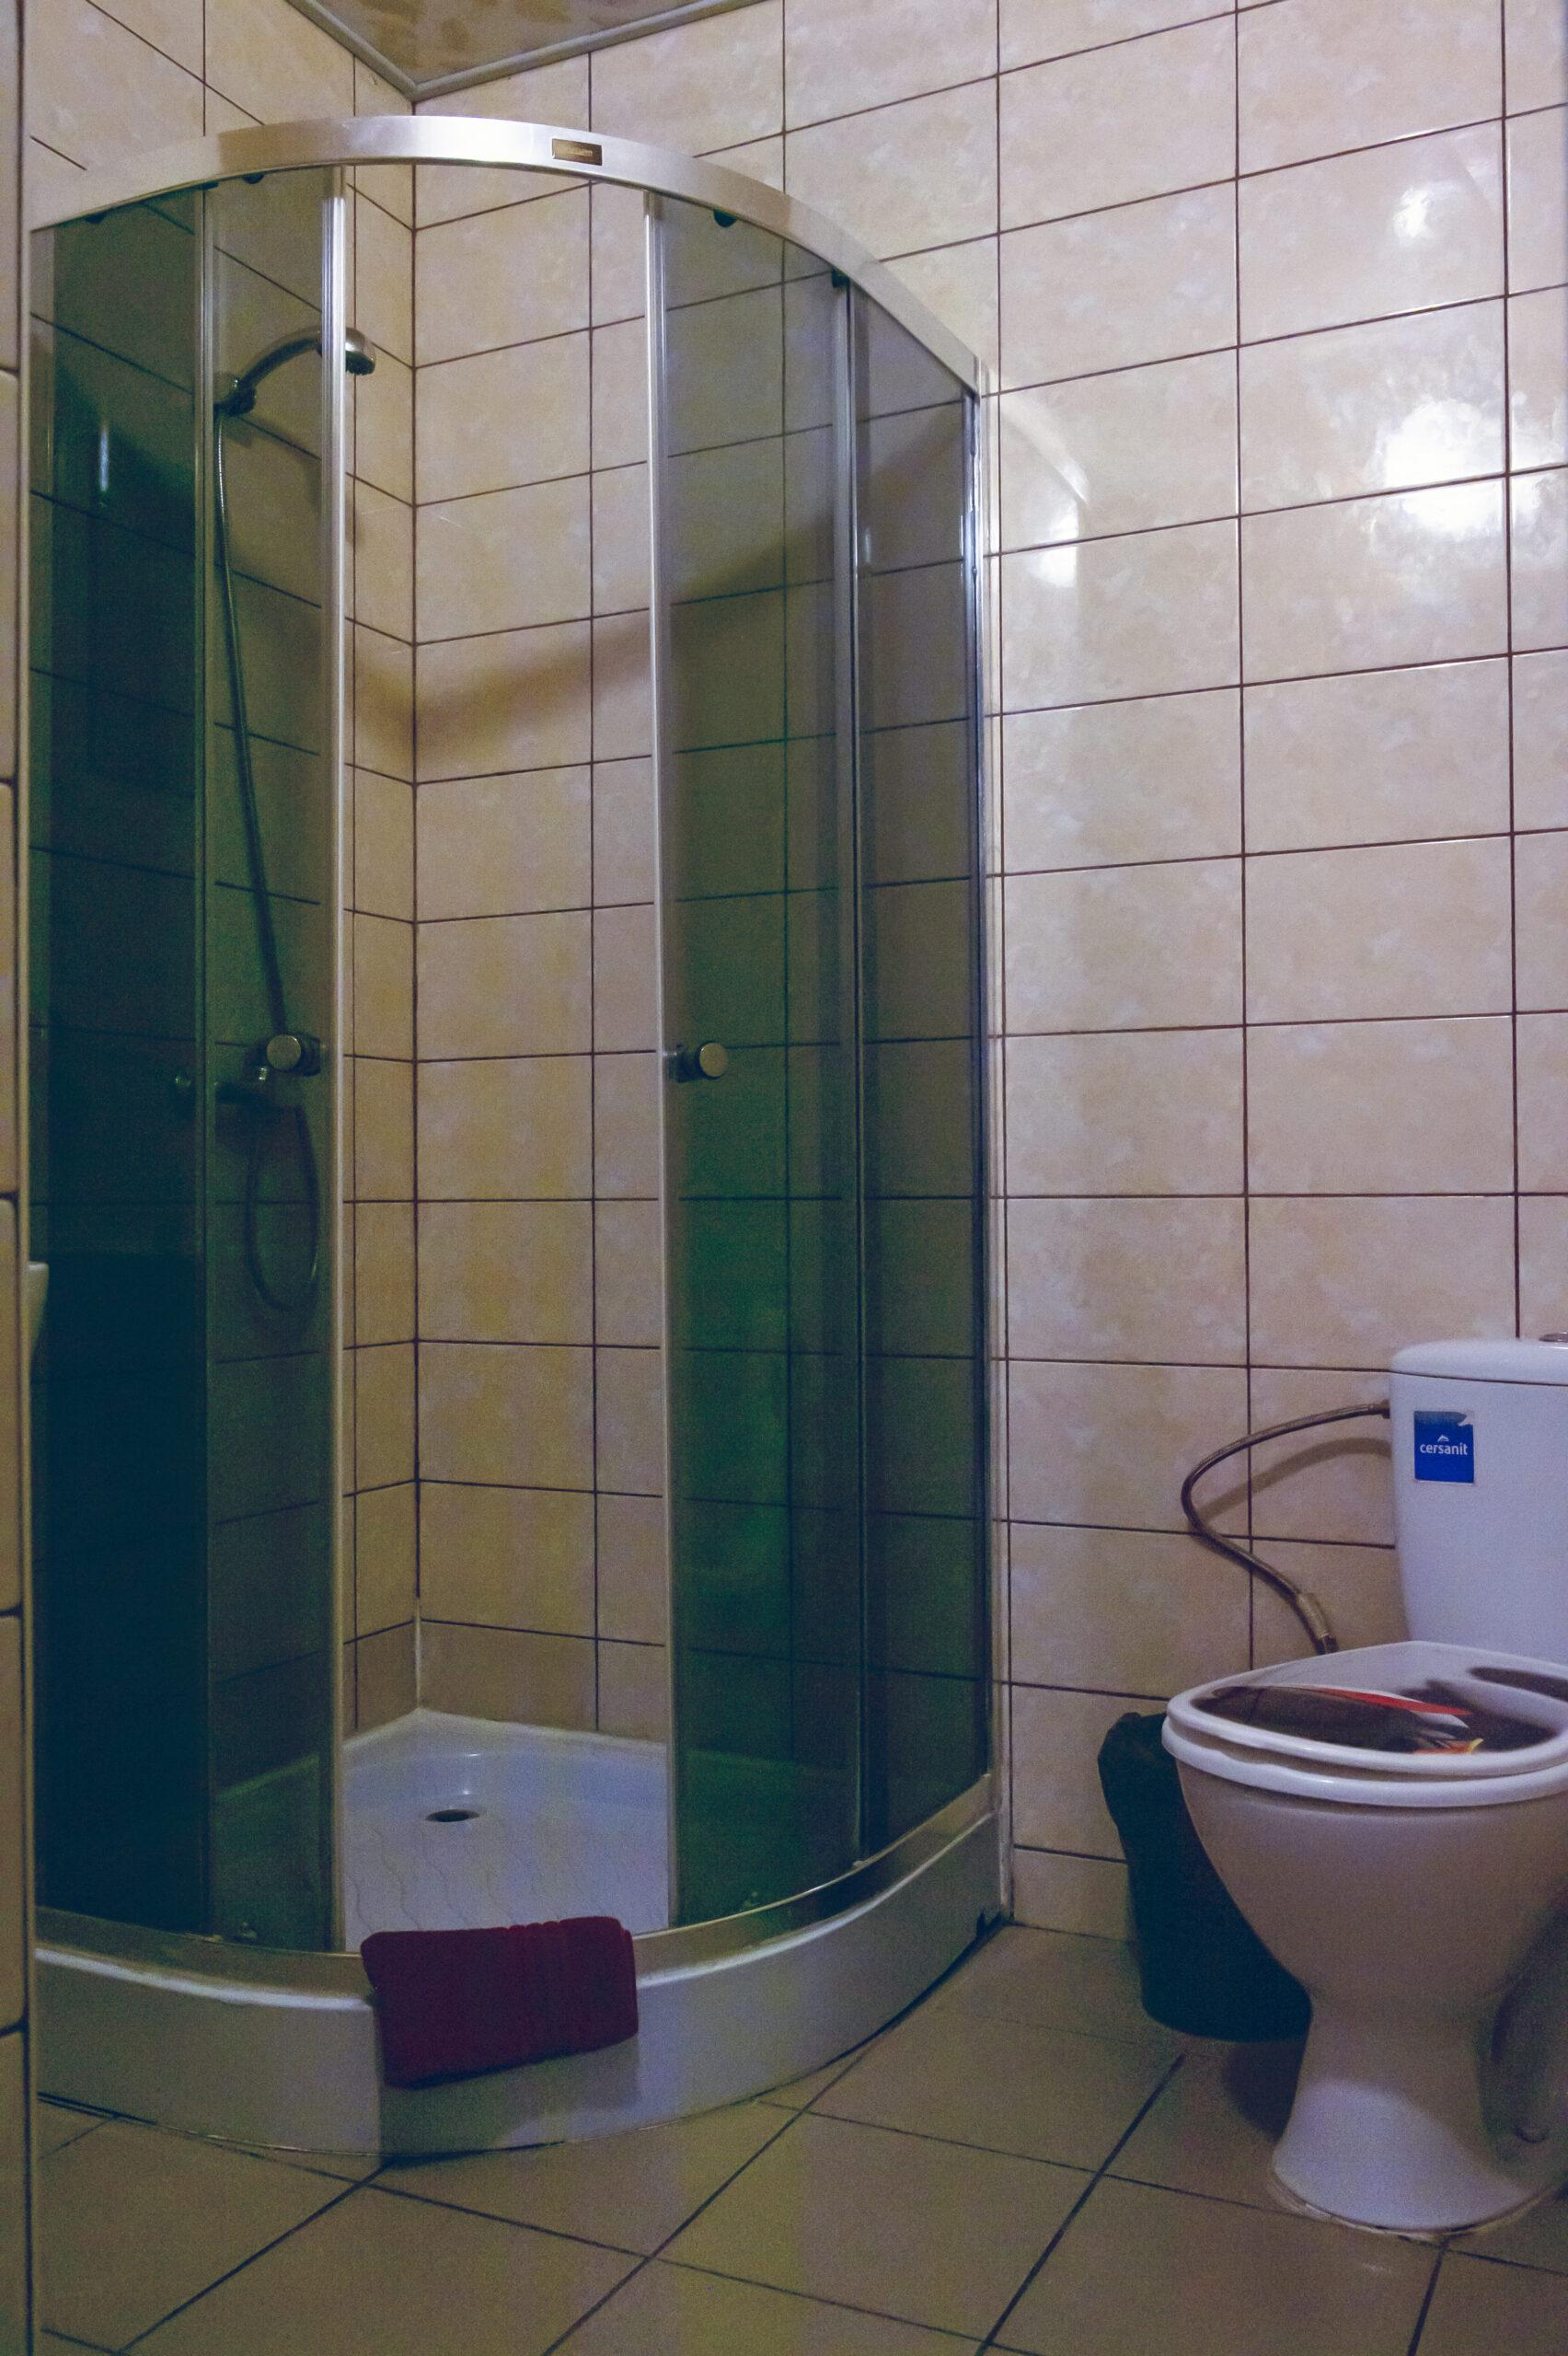 Kambarių su patogumais dušas ir tualetas